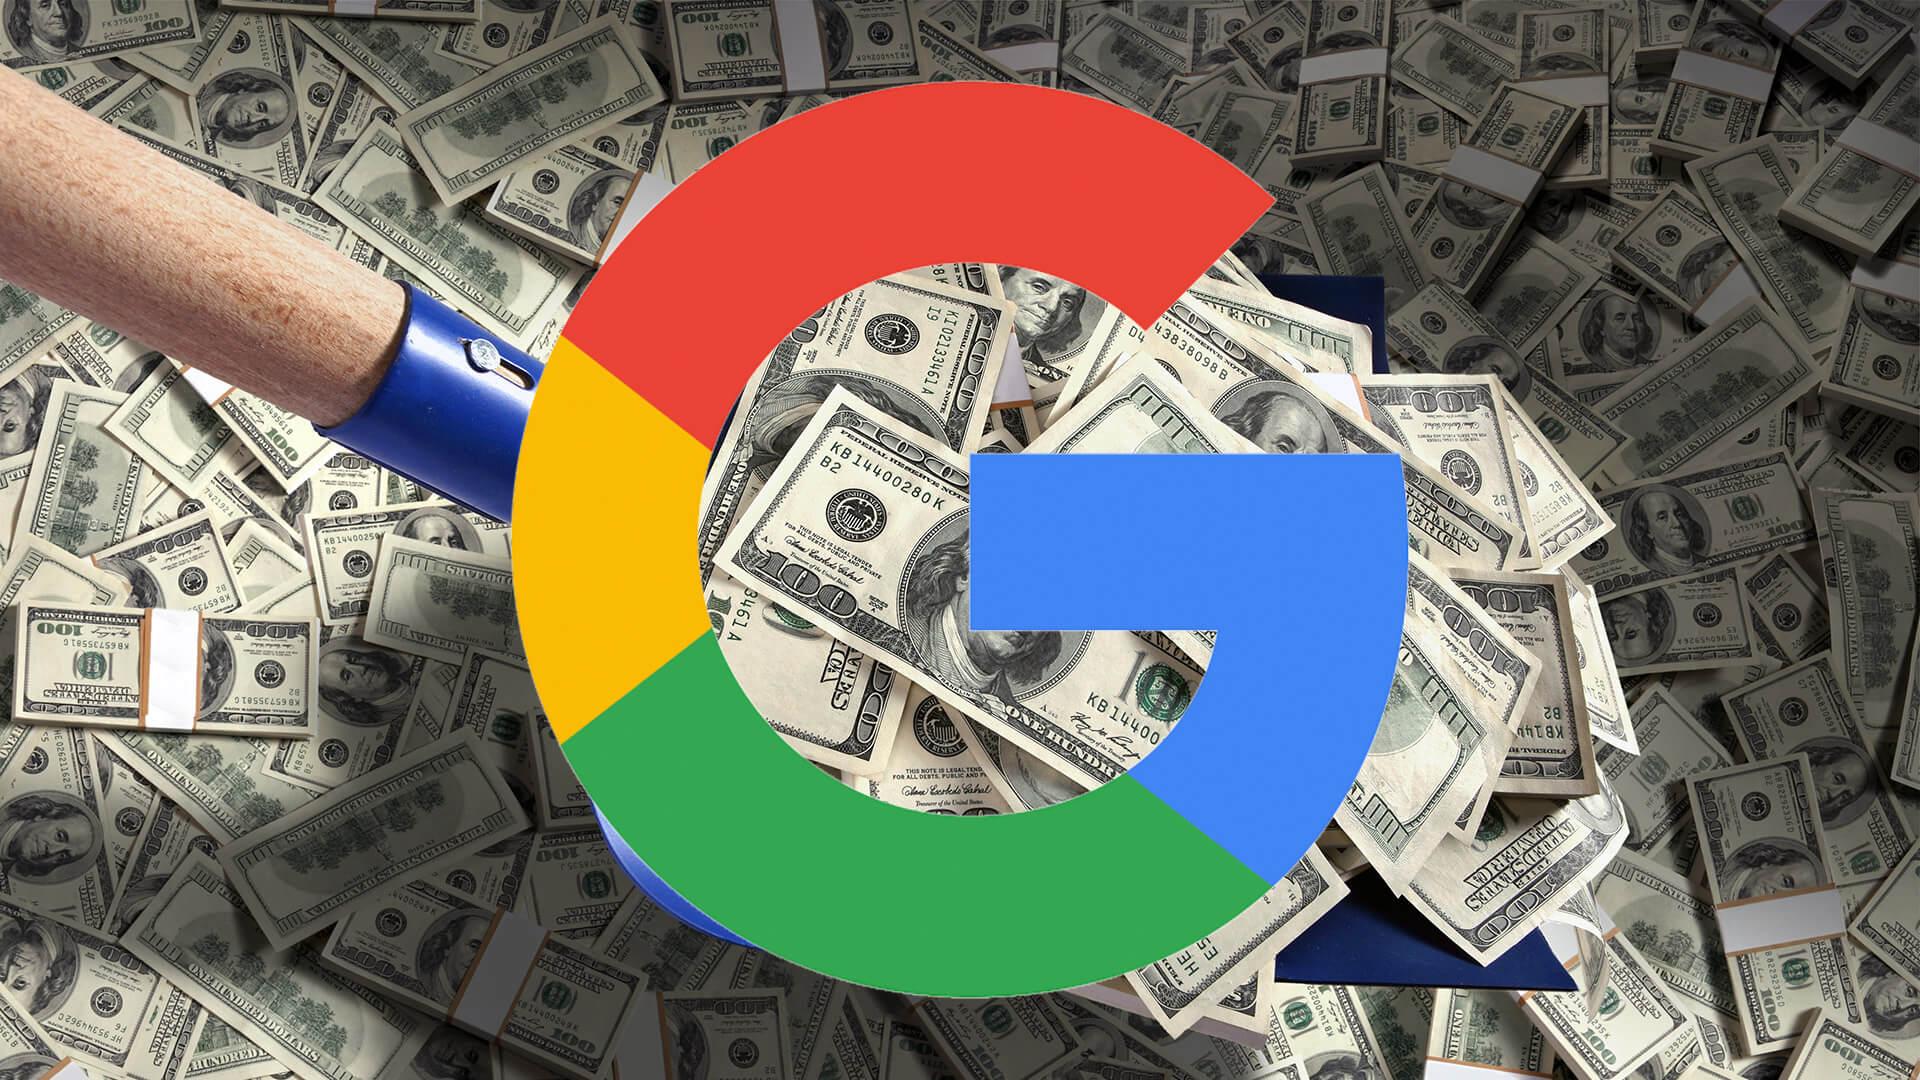 Власти ЕС оштрафовали Google на 5 млрд долларов за антимонопольные нарушения